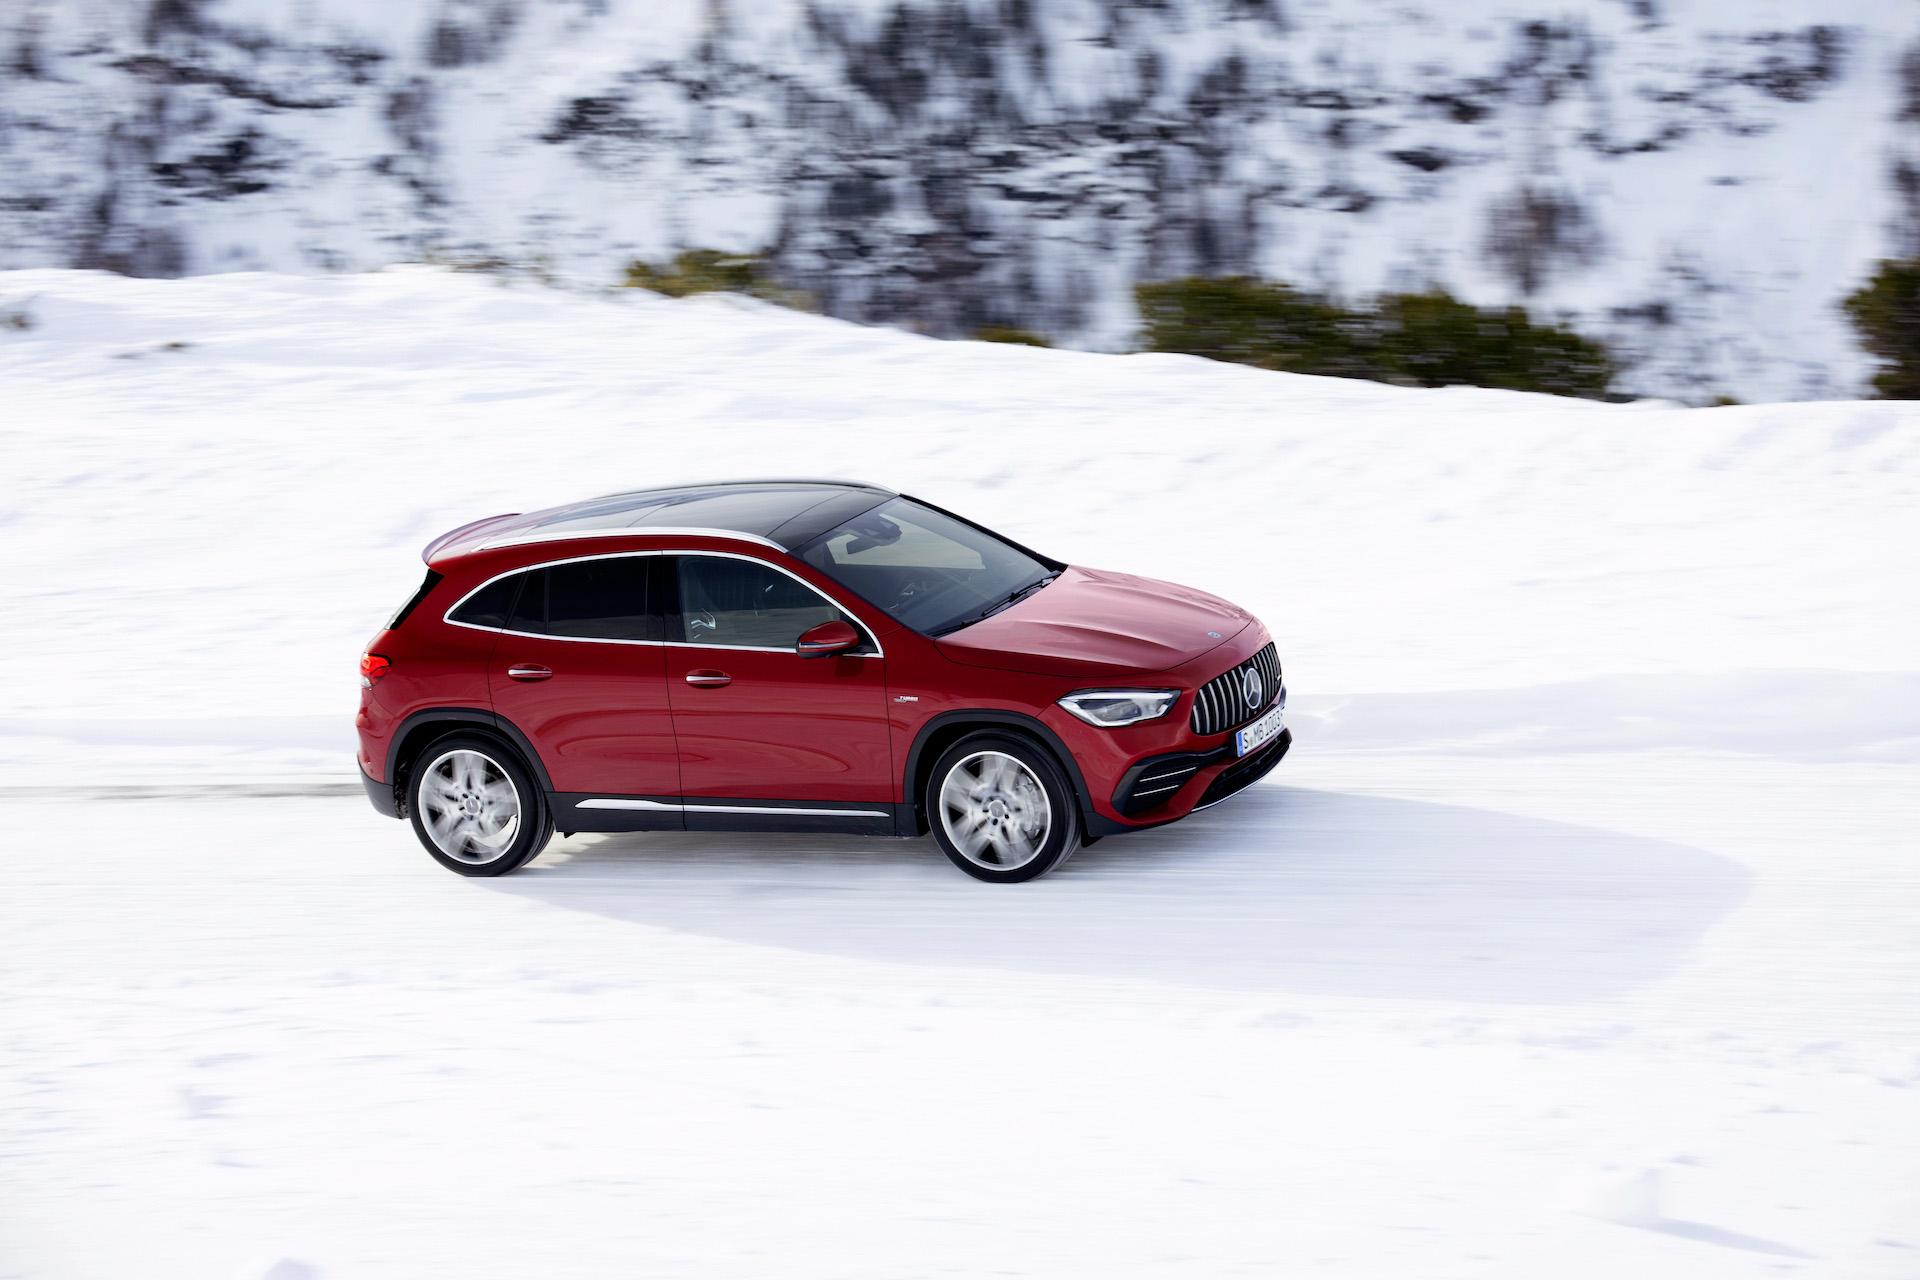 Nuova Mercedes GLA 2020 Rossa sulla neve